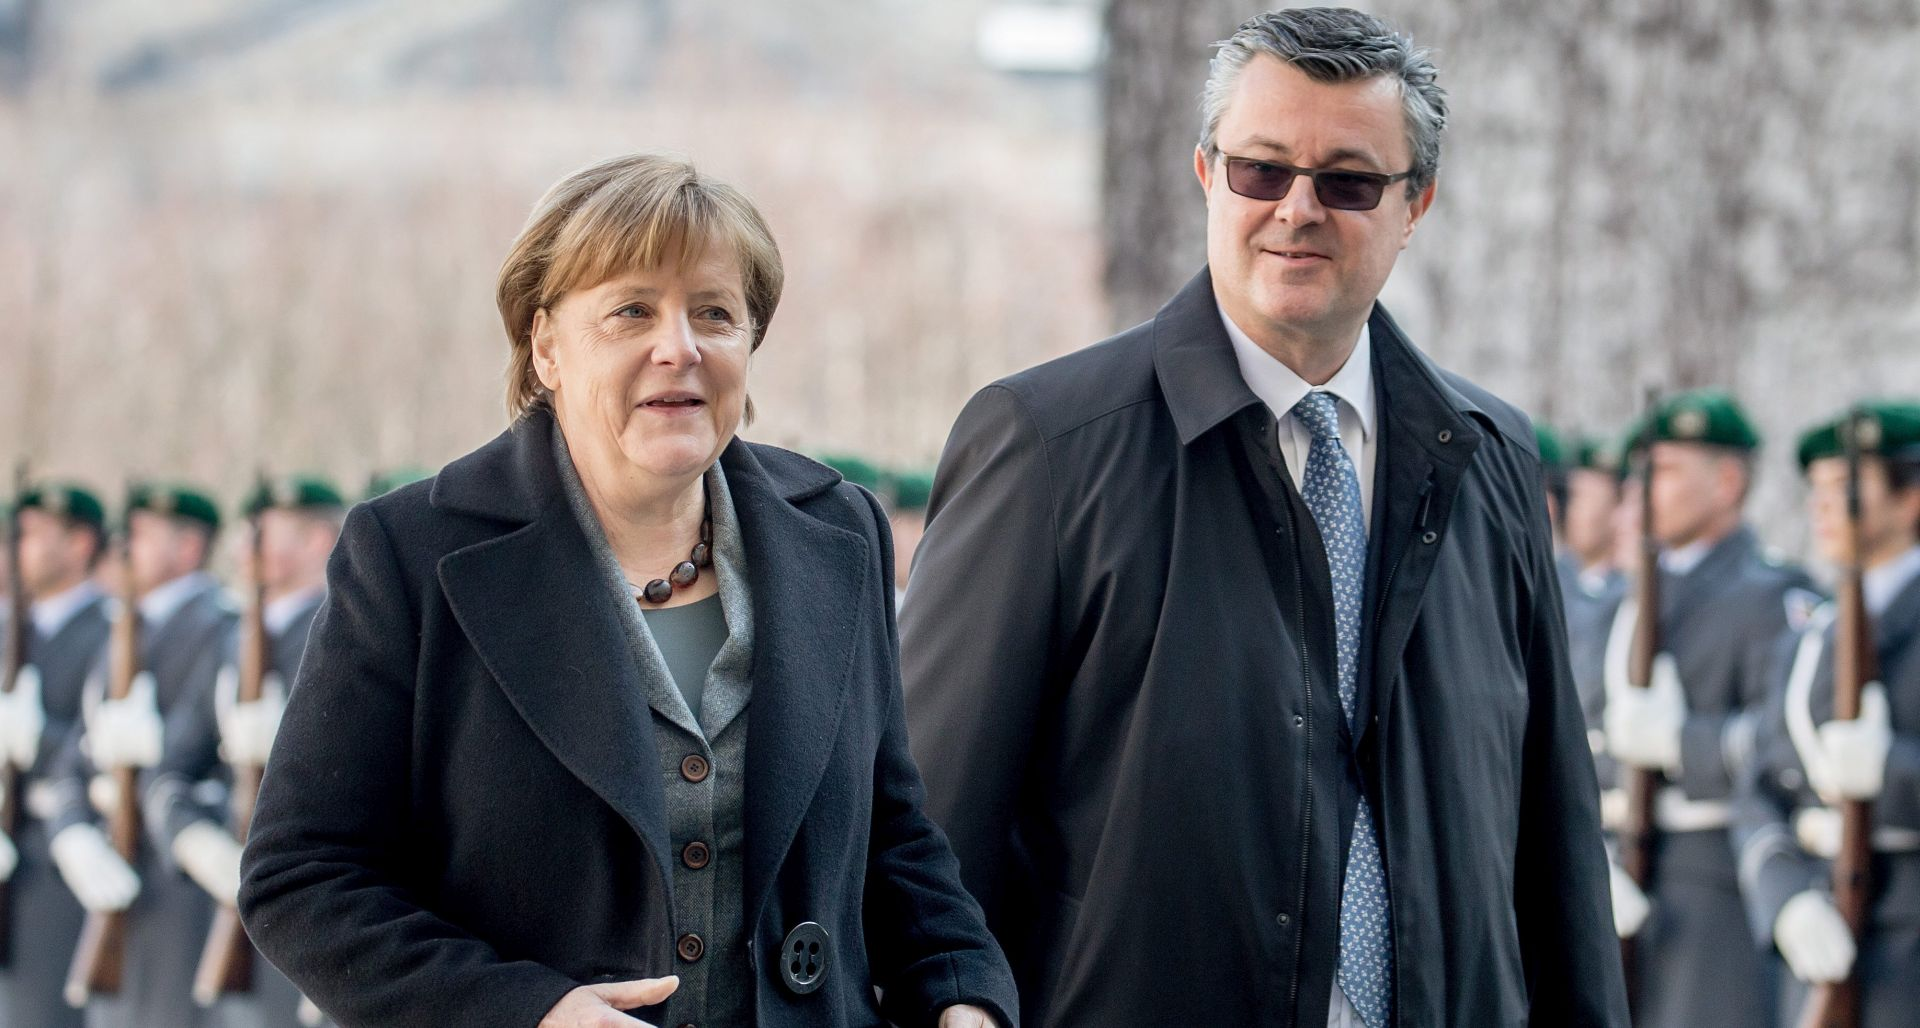 Orešković doputovao u Berlin, traje sastanak s Angelom Merkel